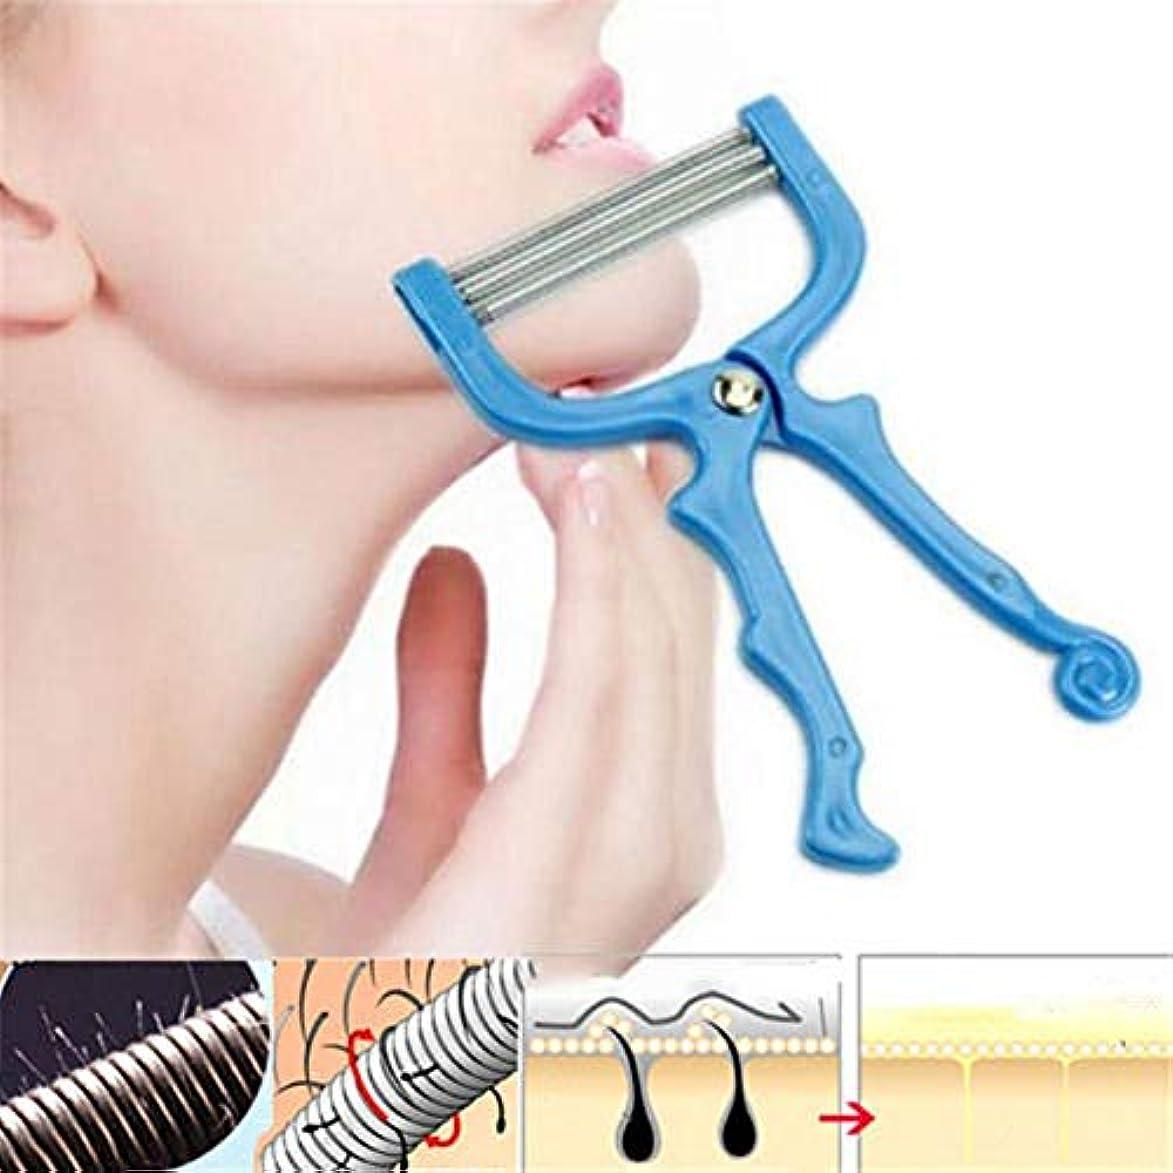 の間でほぼお酢SILUN 手動脱毛器 顔/腕/足/脇/ビキニエリアで使用する リムーバー フェイシャルヘアリムーバースプリングフェイシャルヘアスレーター除毛ツール美容ツール